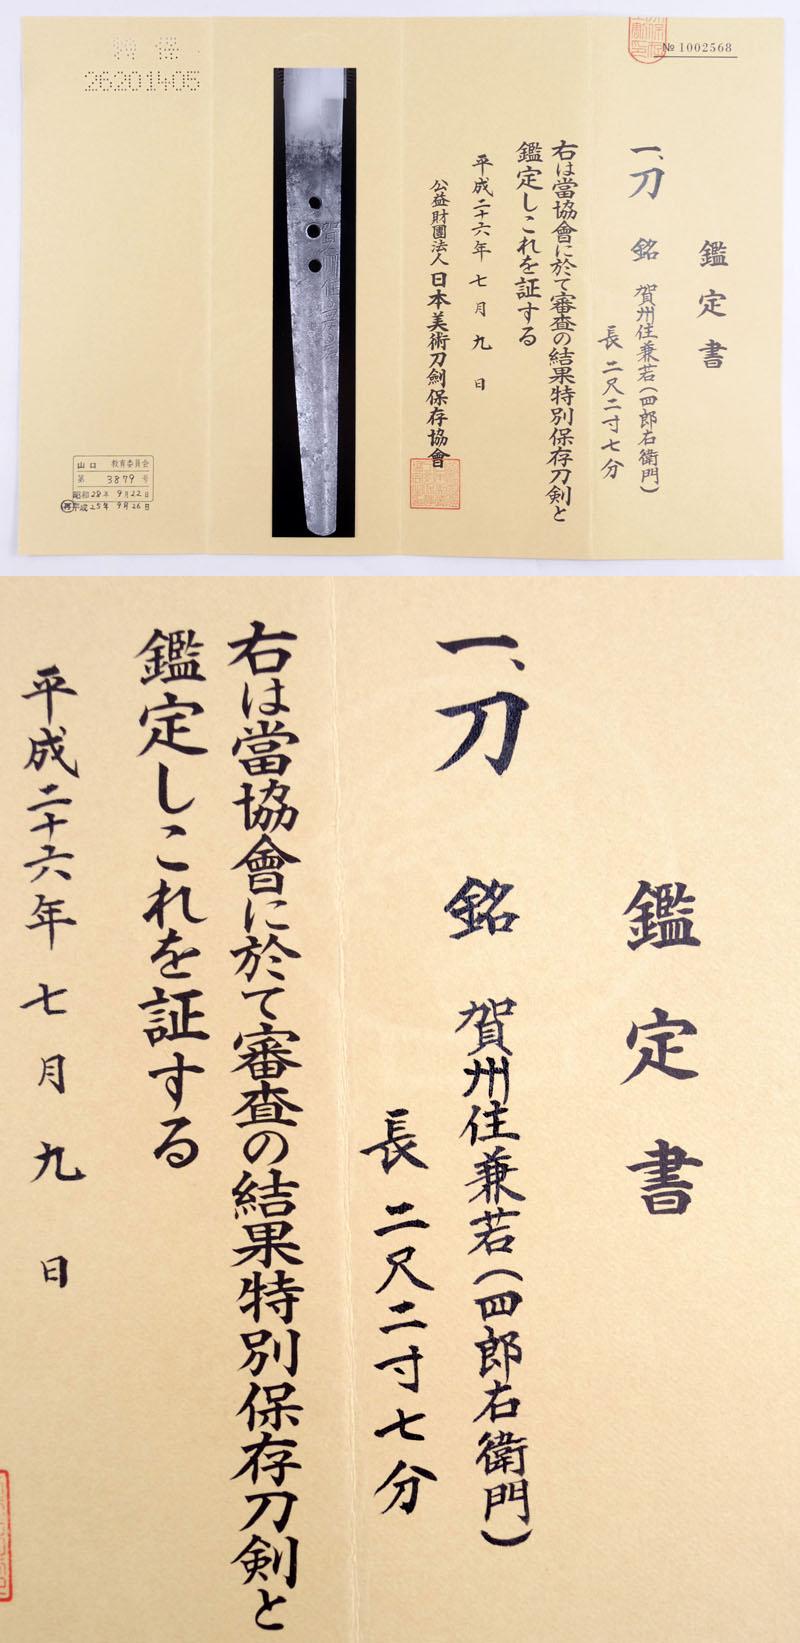 賀州住兼若(4郎右衛門)(3代) Picture of Certificate